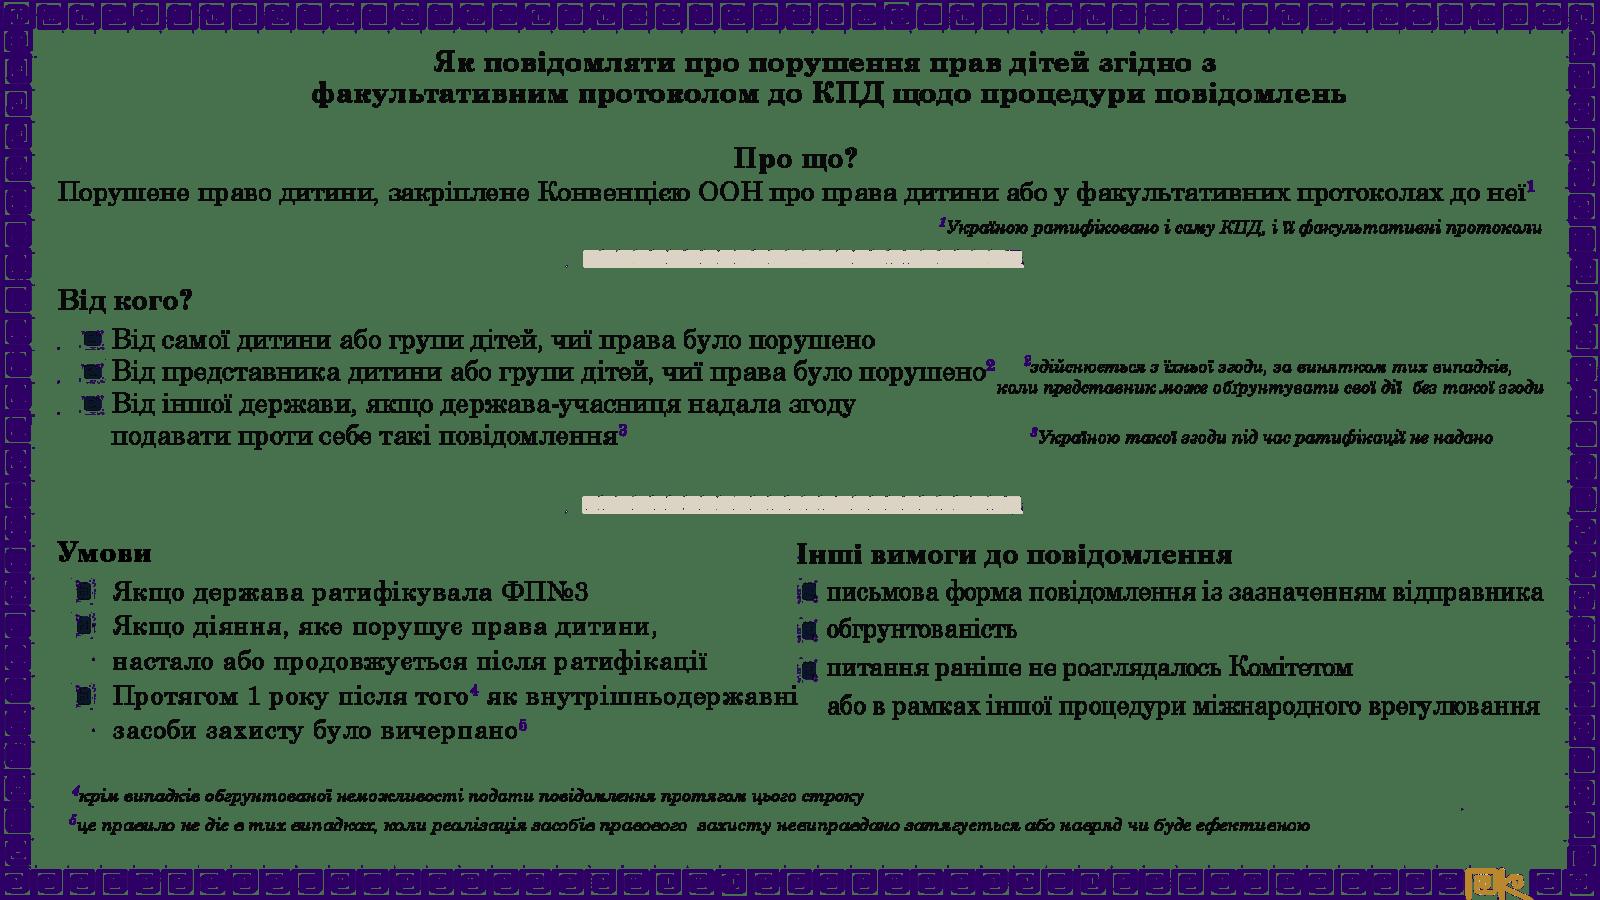 crc communication protocol 1 - Як захистити права дитини, якщо держава цьому не сприяє